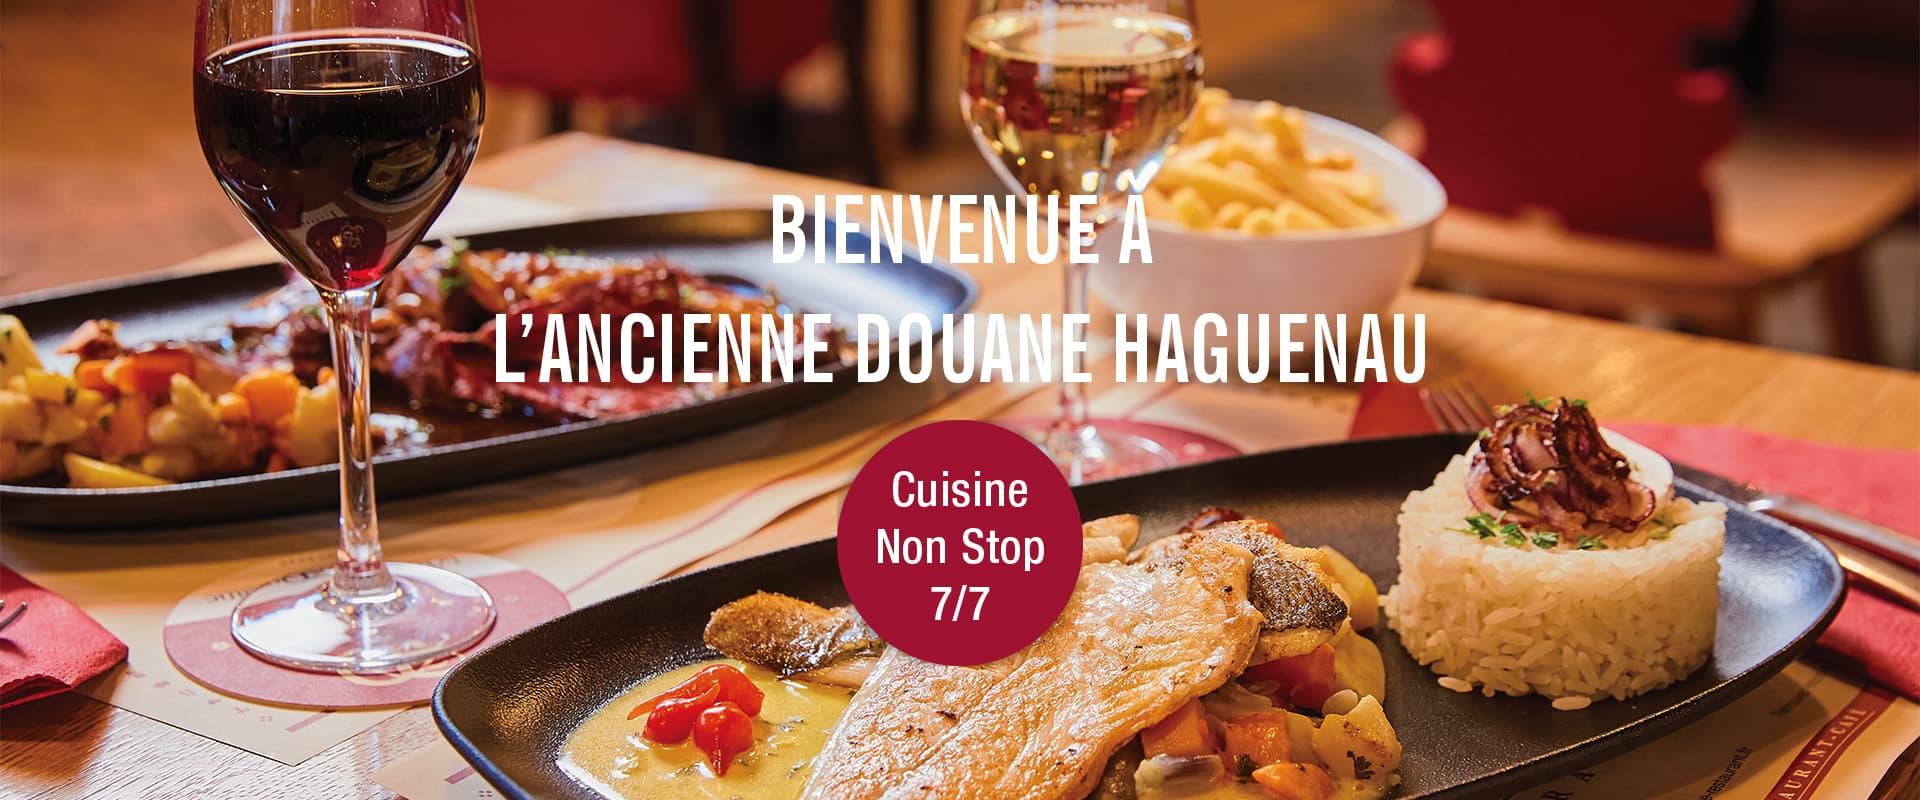 Ancienne Douane Haguenau cuisine non stop 7/7j